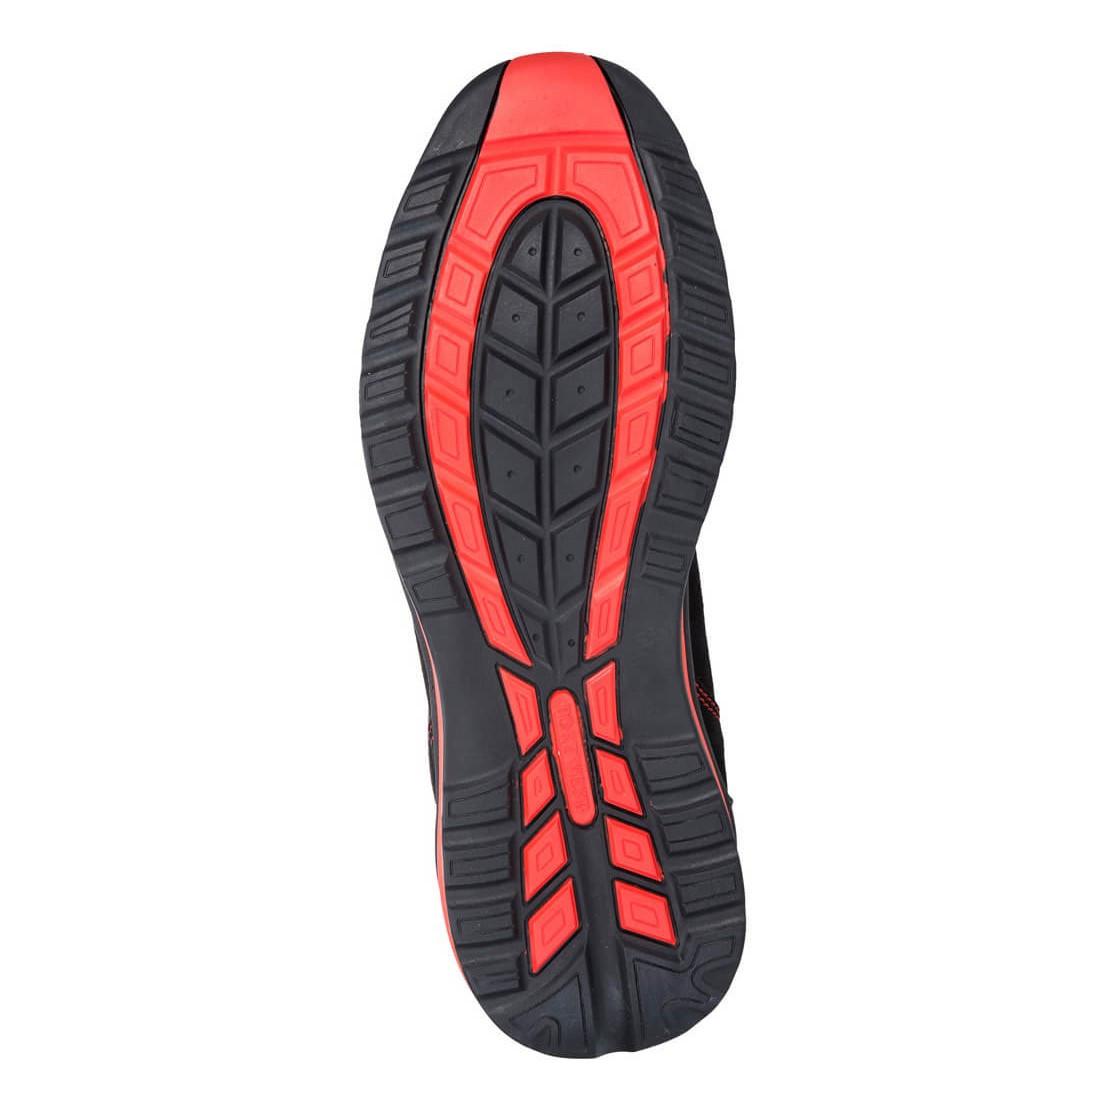 Pantof de Protectie Steelite™ Lusum S1P HRO - Incaltaminte de protectie